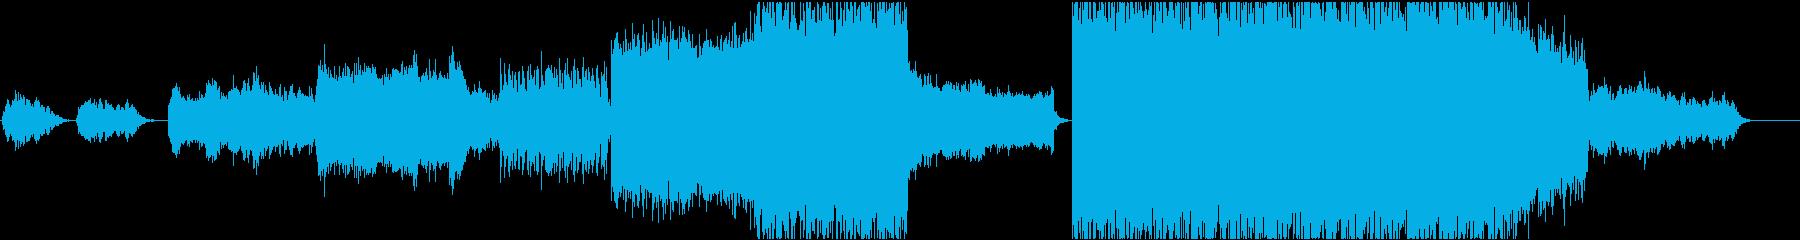 16bit, 48kHz version's reproduced waveform